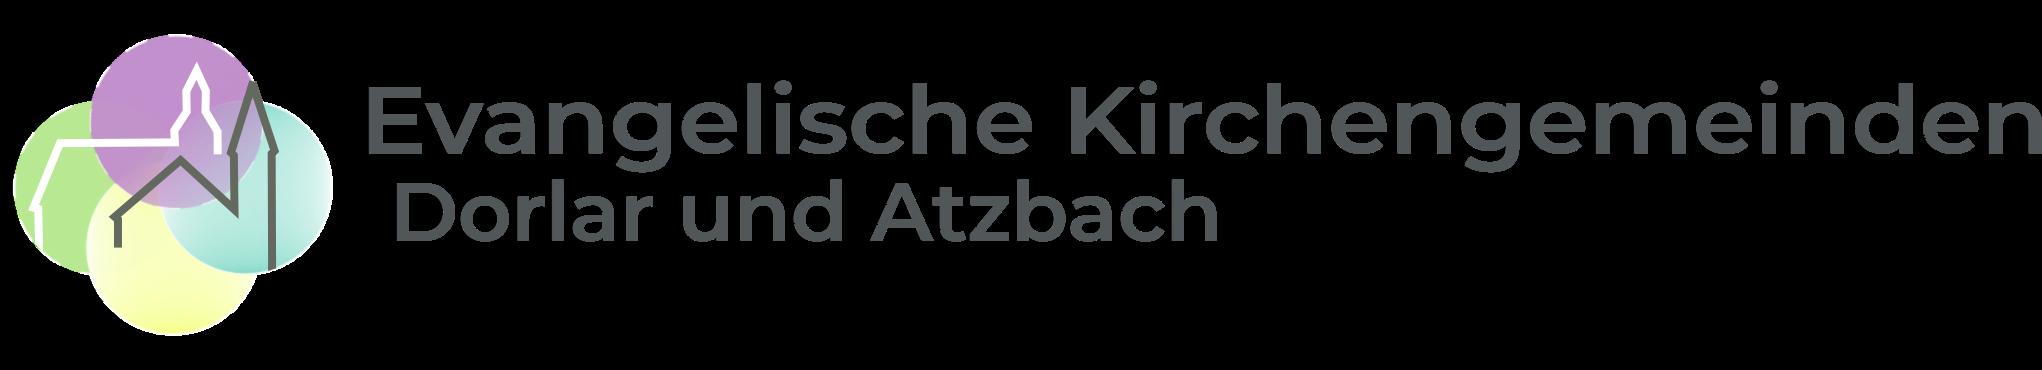 Kirchengemeinden Dorlar und Atzbach